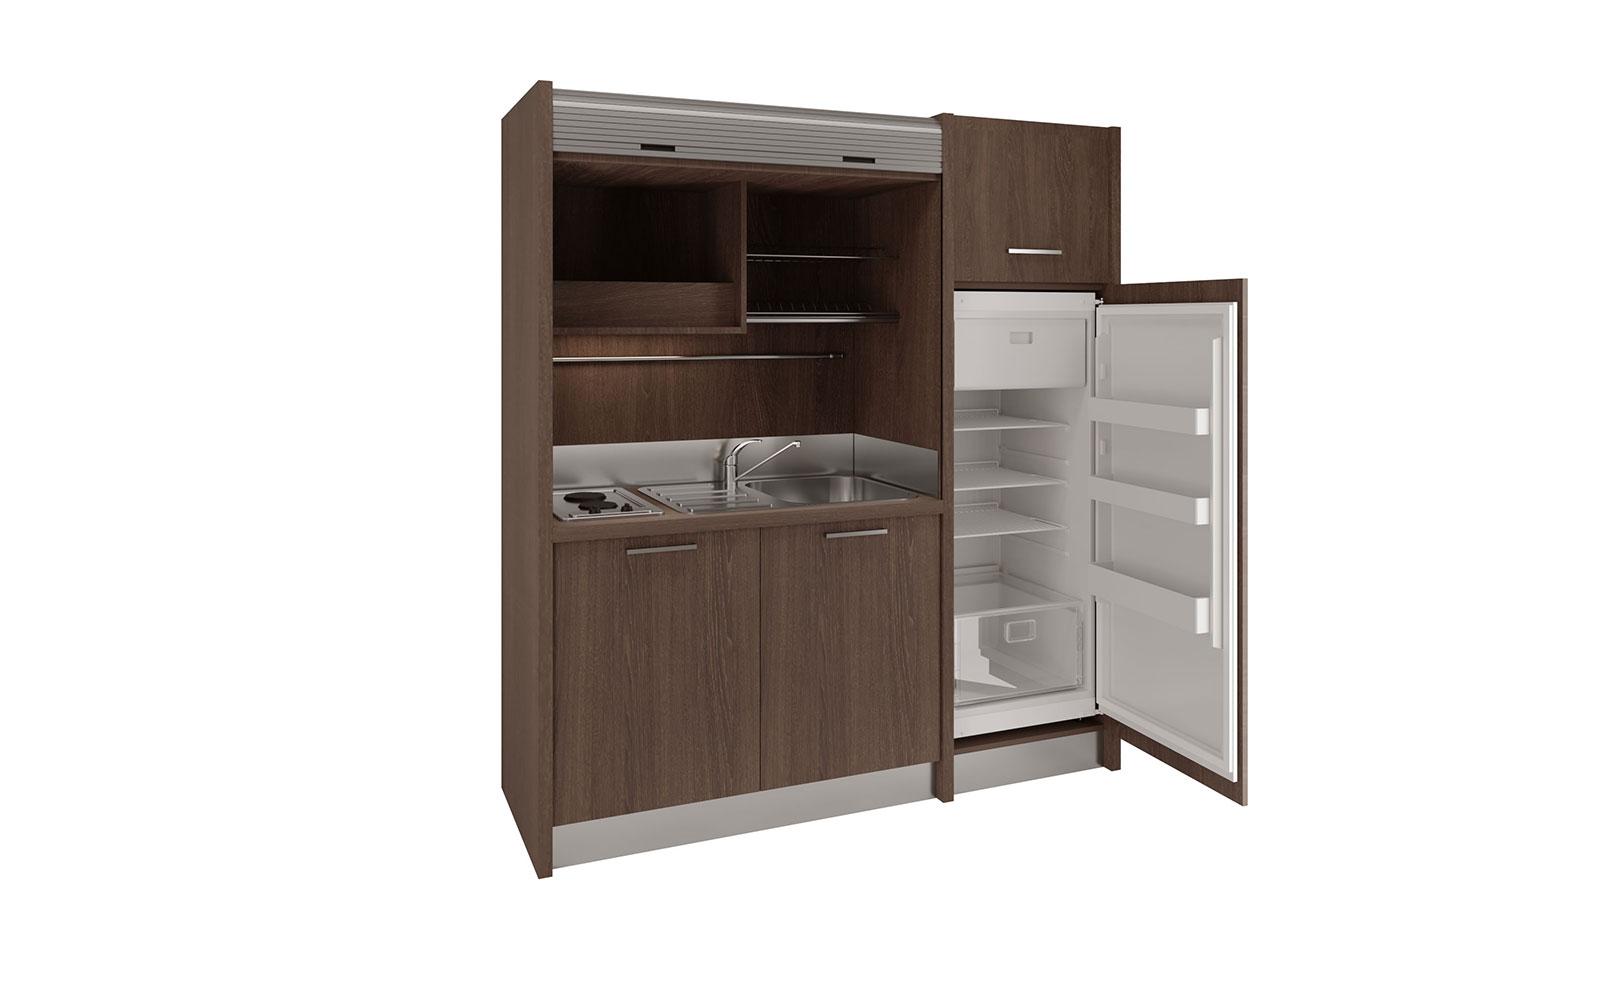 Conero DX - Cucina monoblocco a scomparsa 192cm con frigo verticale